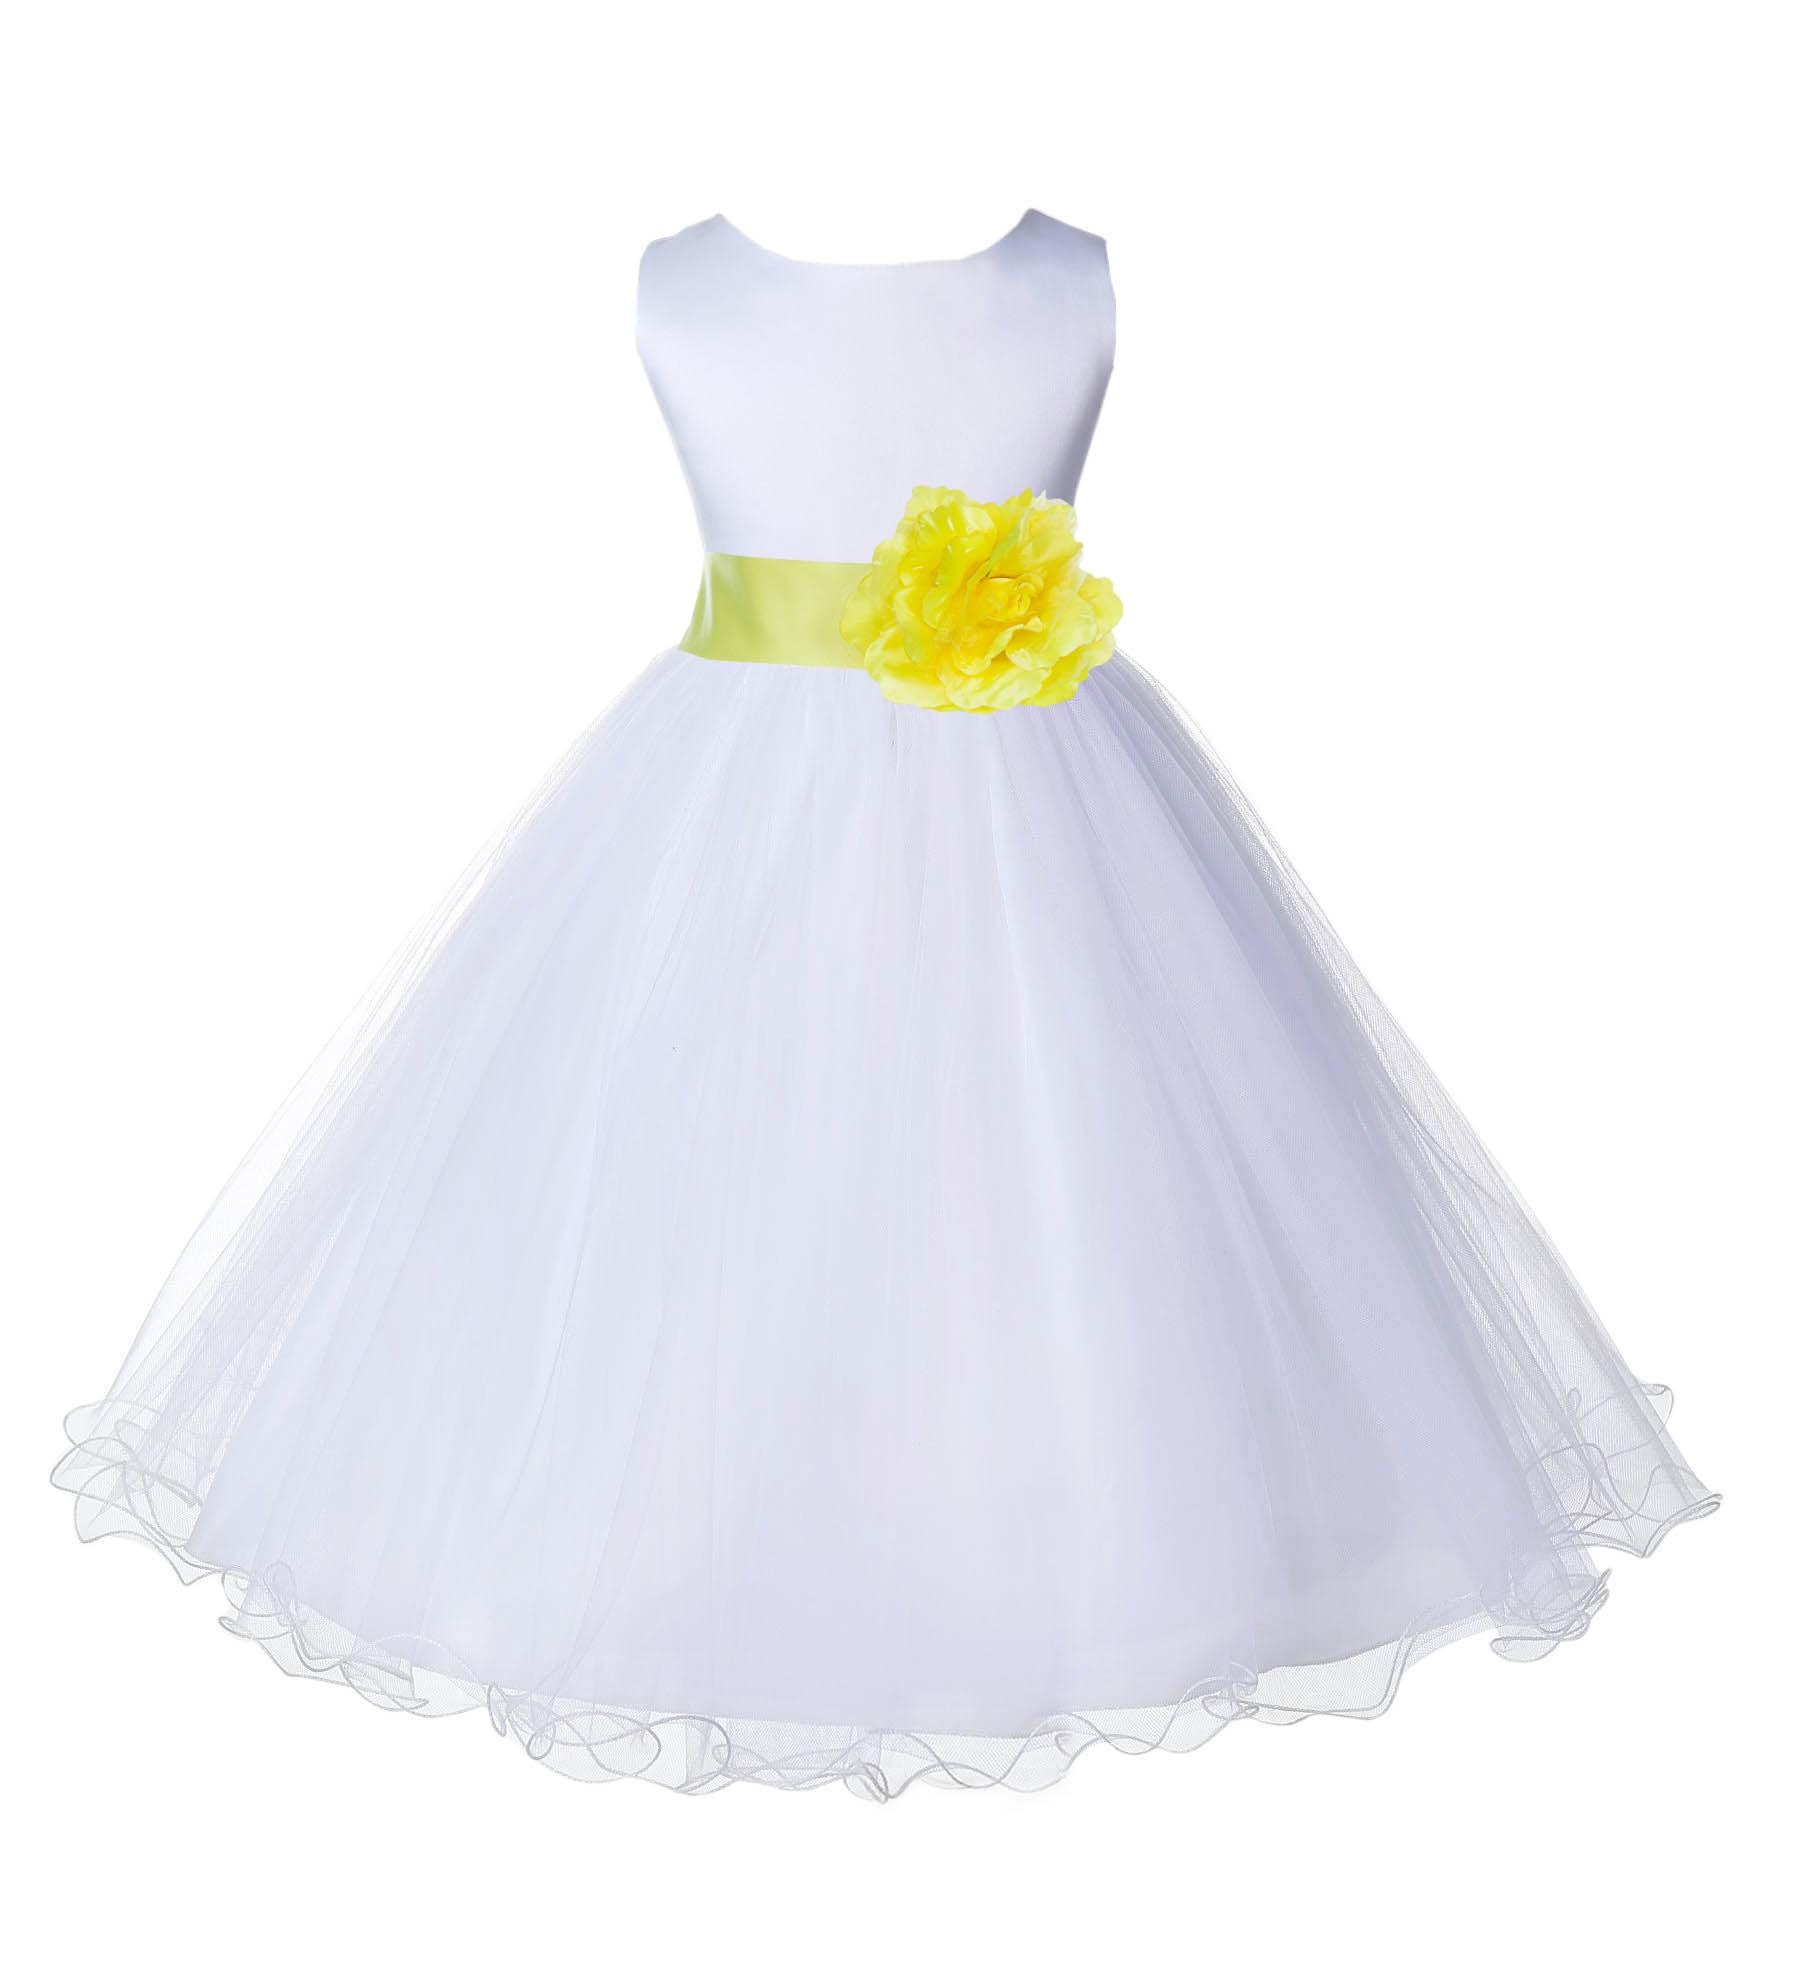 Whitelemon Tulle Rattail Edge Flower Girl Dress Wedding Bridal 829s